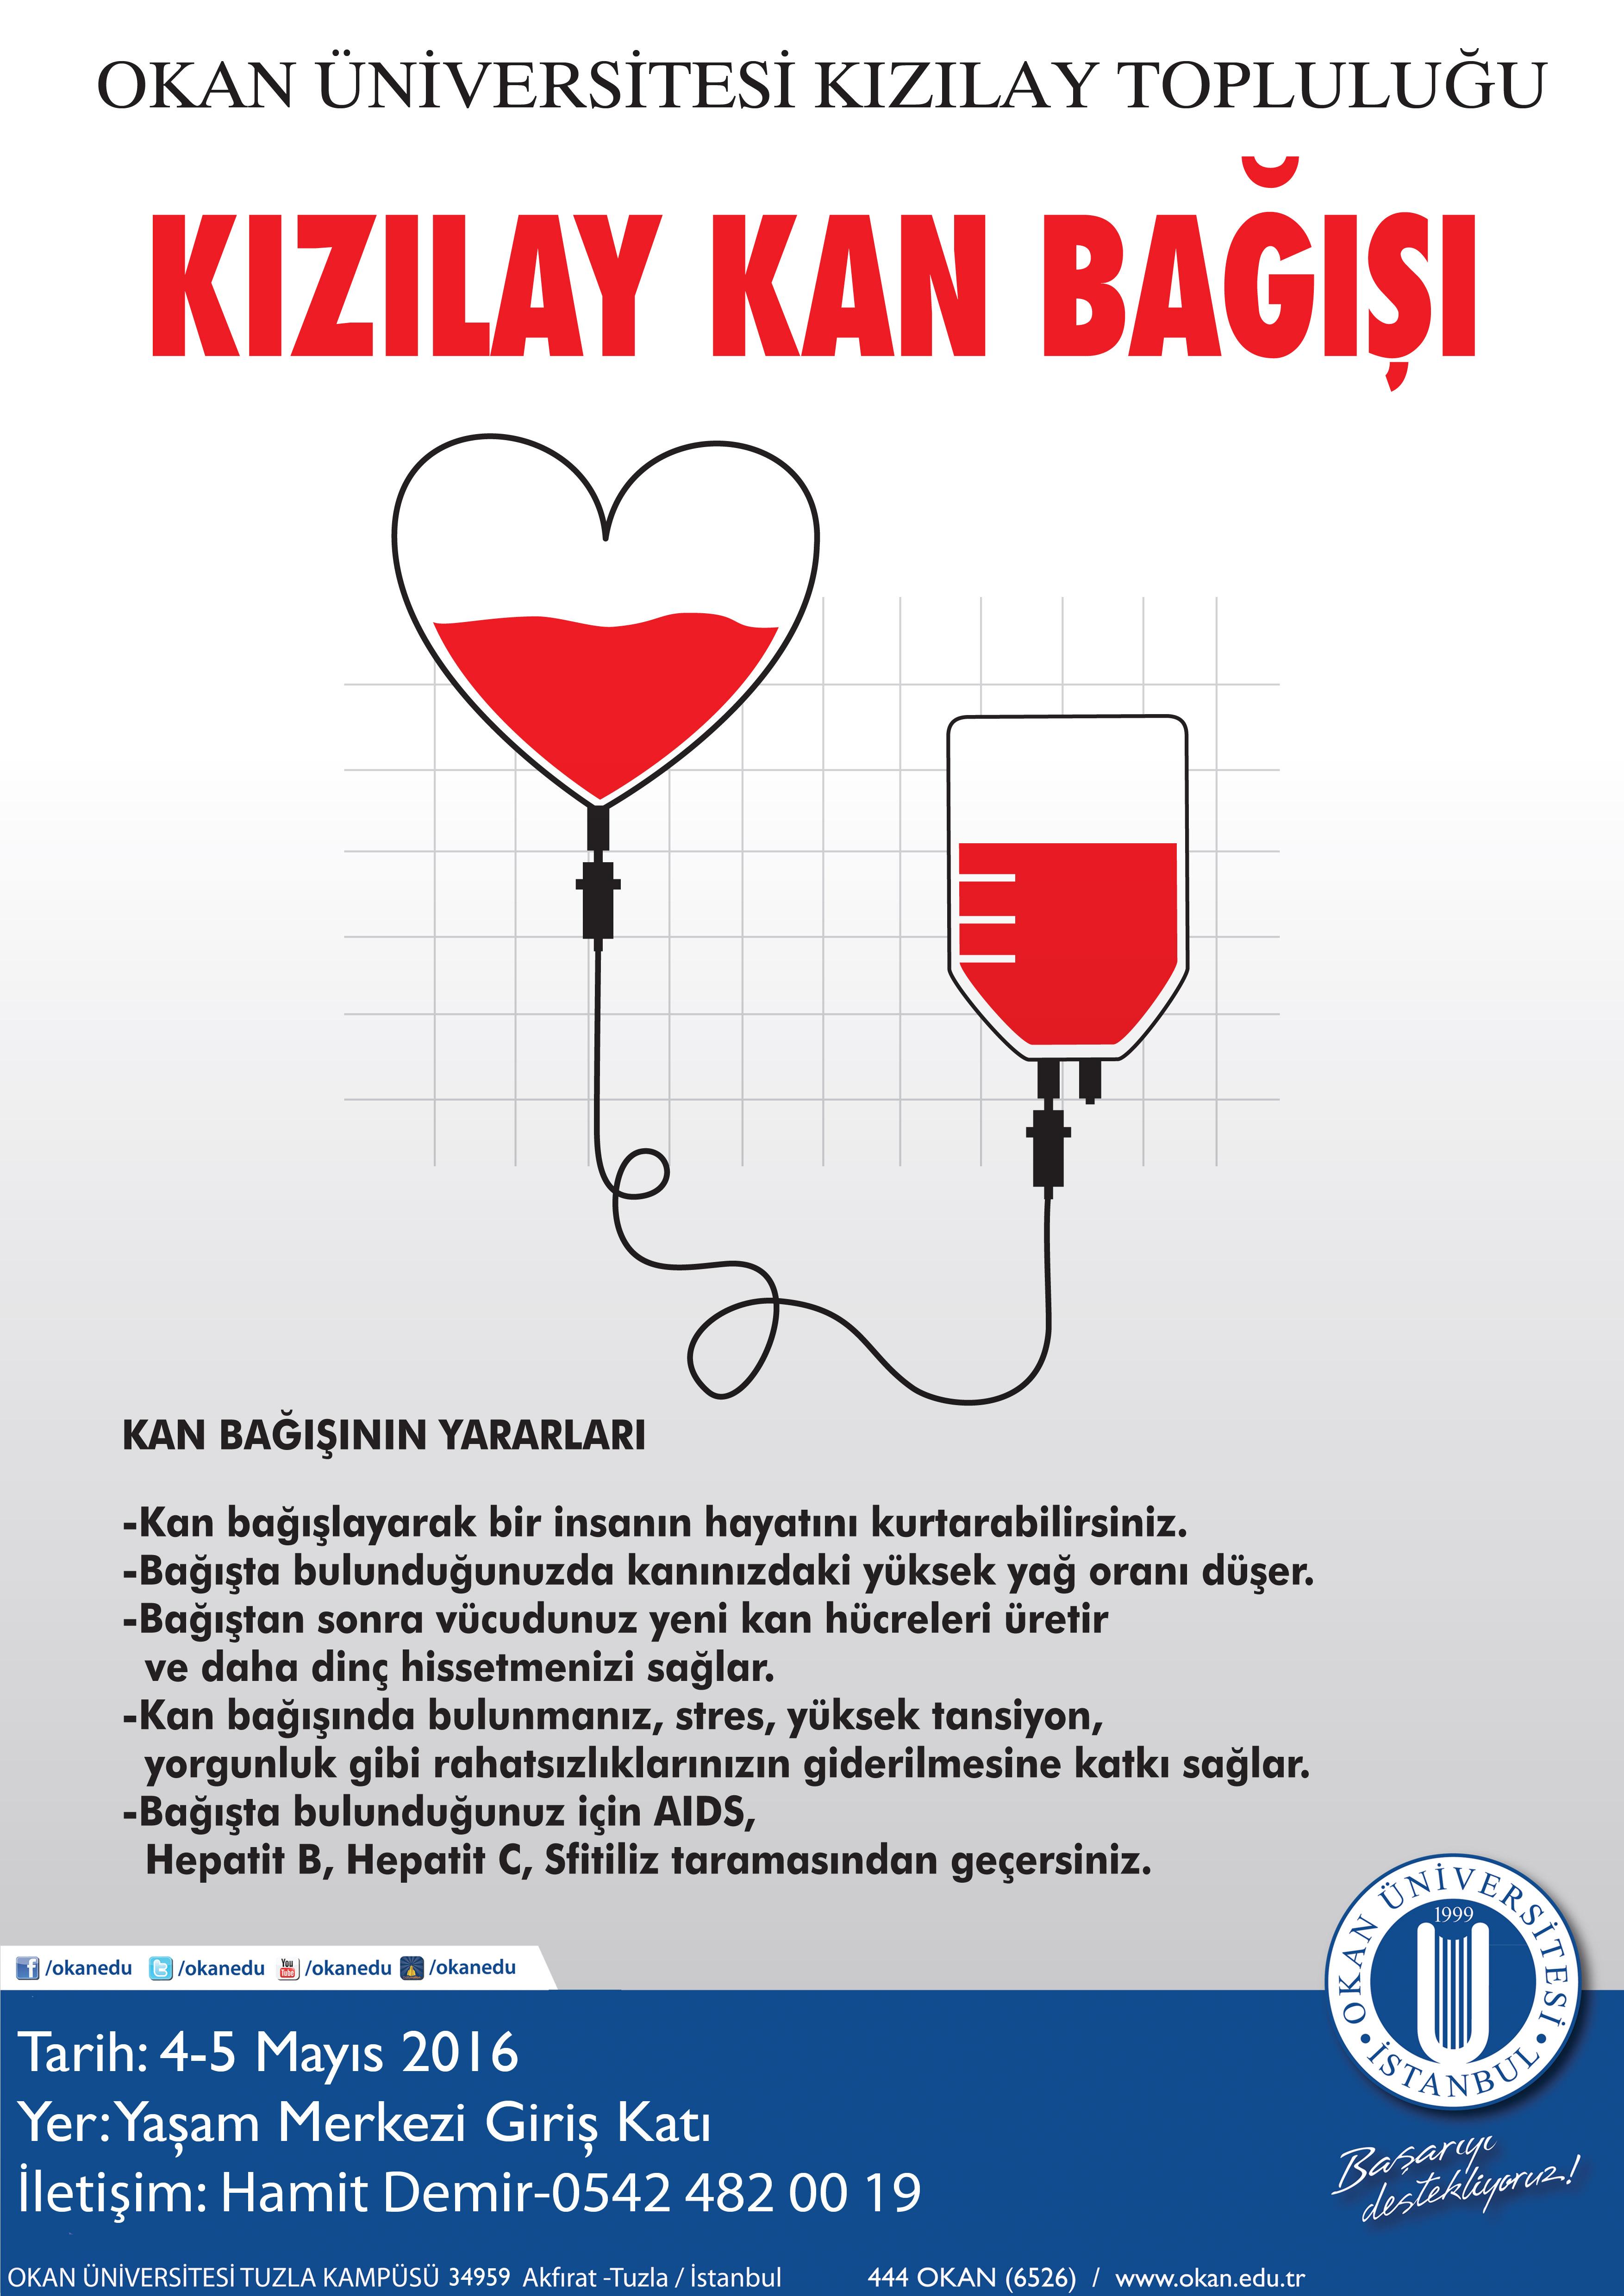 Kan bağışı yapmak faydalı mı